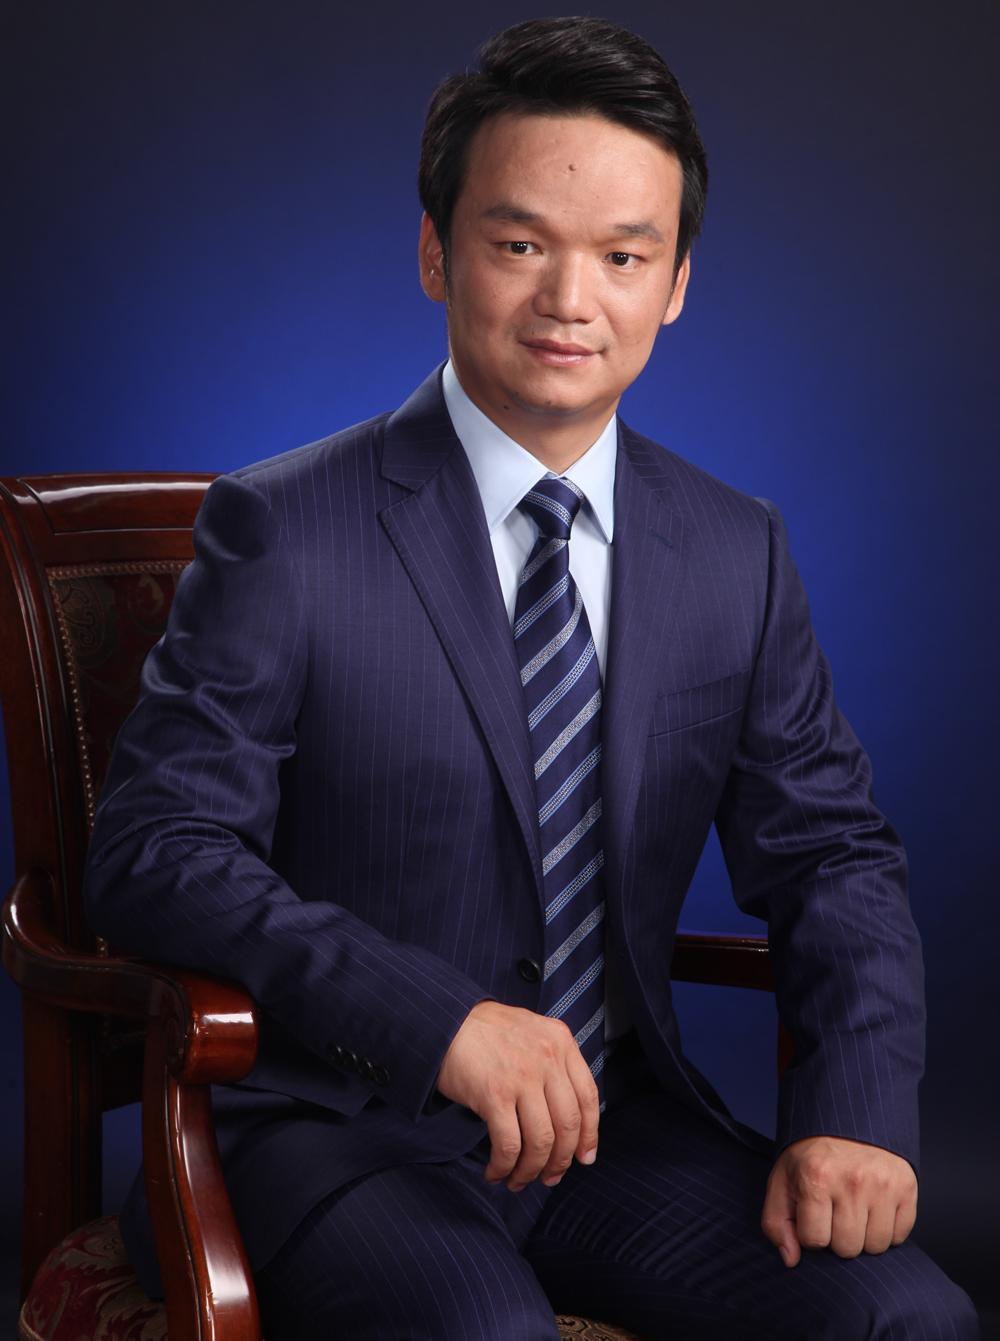 冠领简讯:恭喜周旭亮律师入选《法律讲堂》专家库